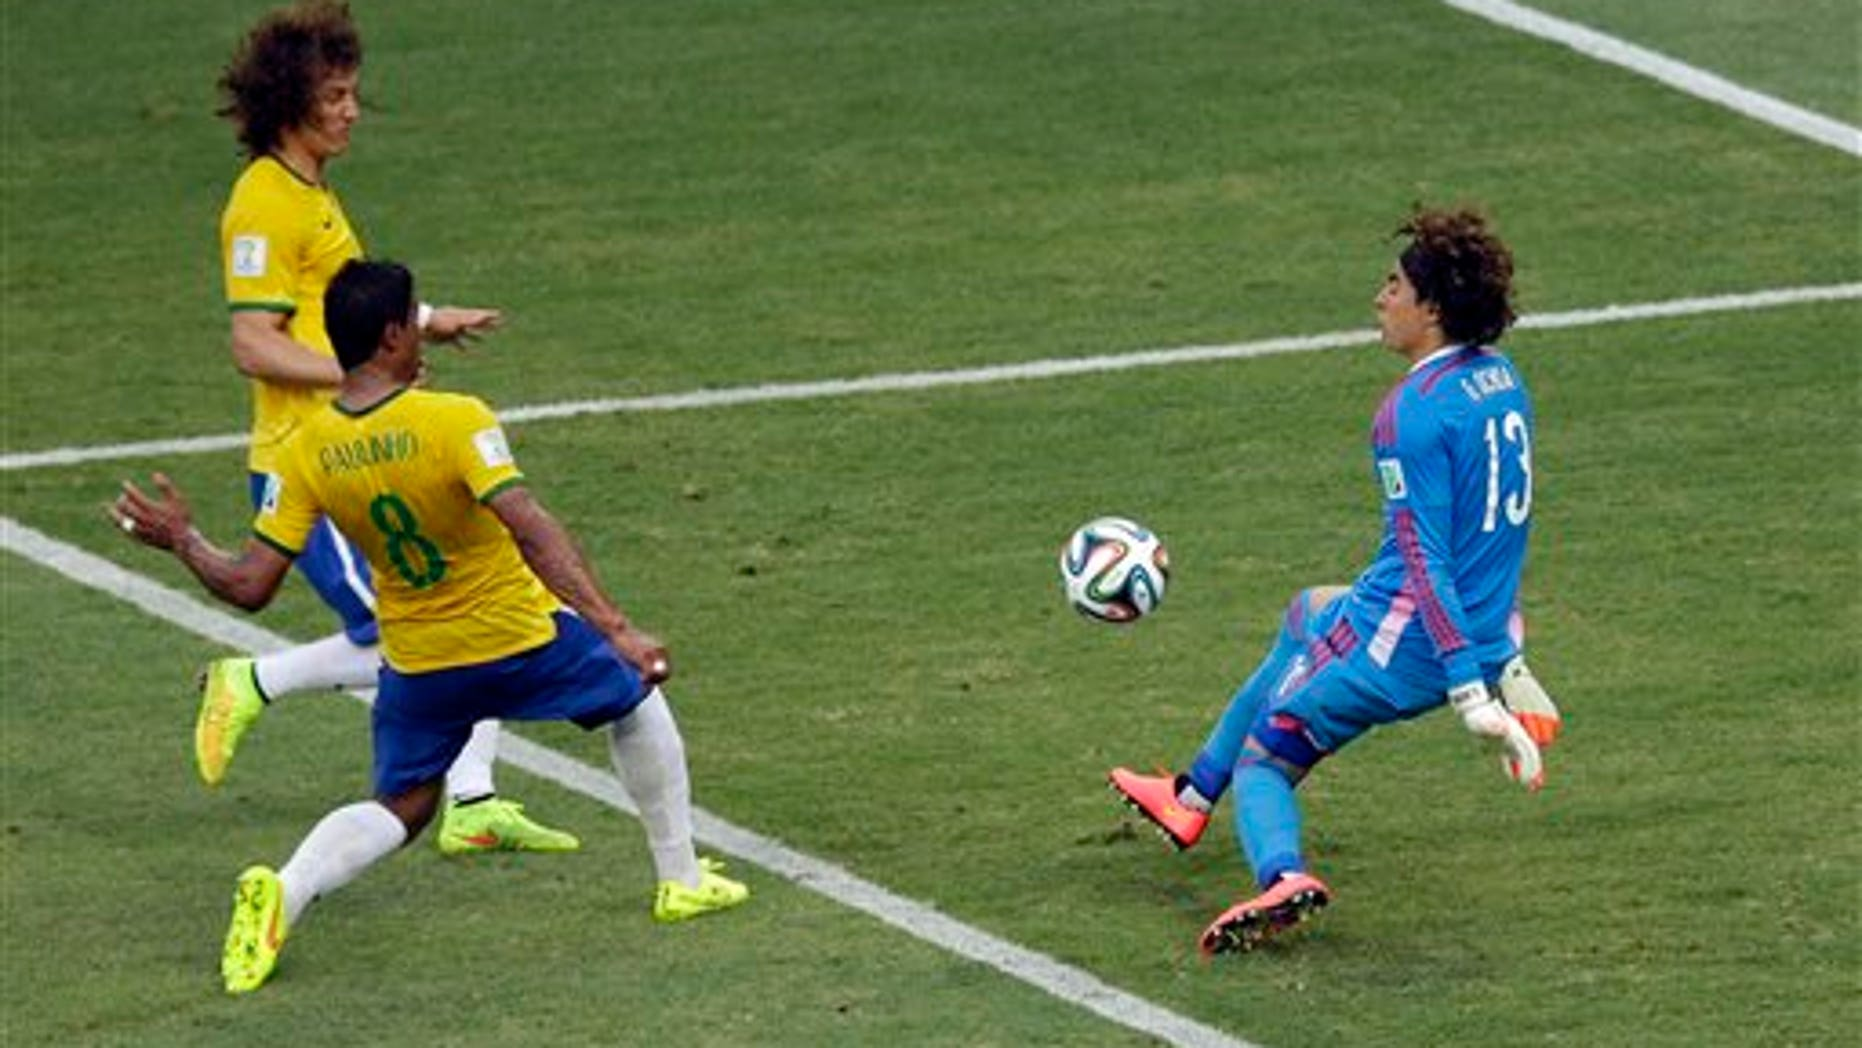 Ochoa deflects a ball as David Luiz and Paulinho approach during the group A World Cup soccer match June 17, 2014.